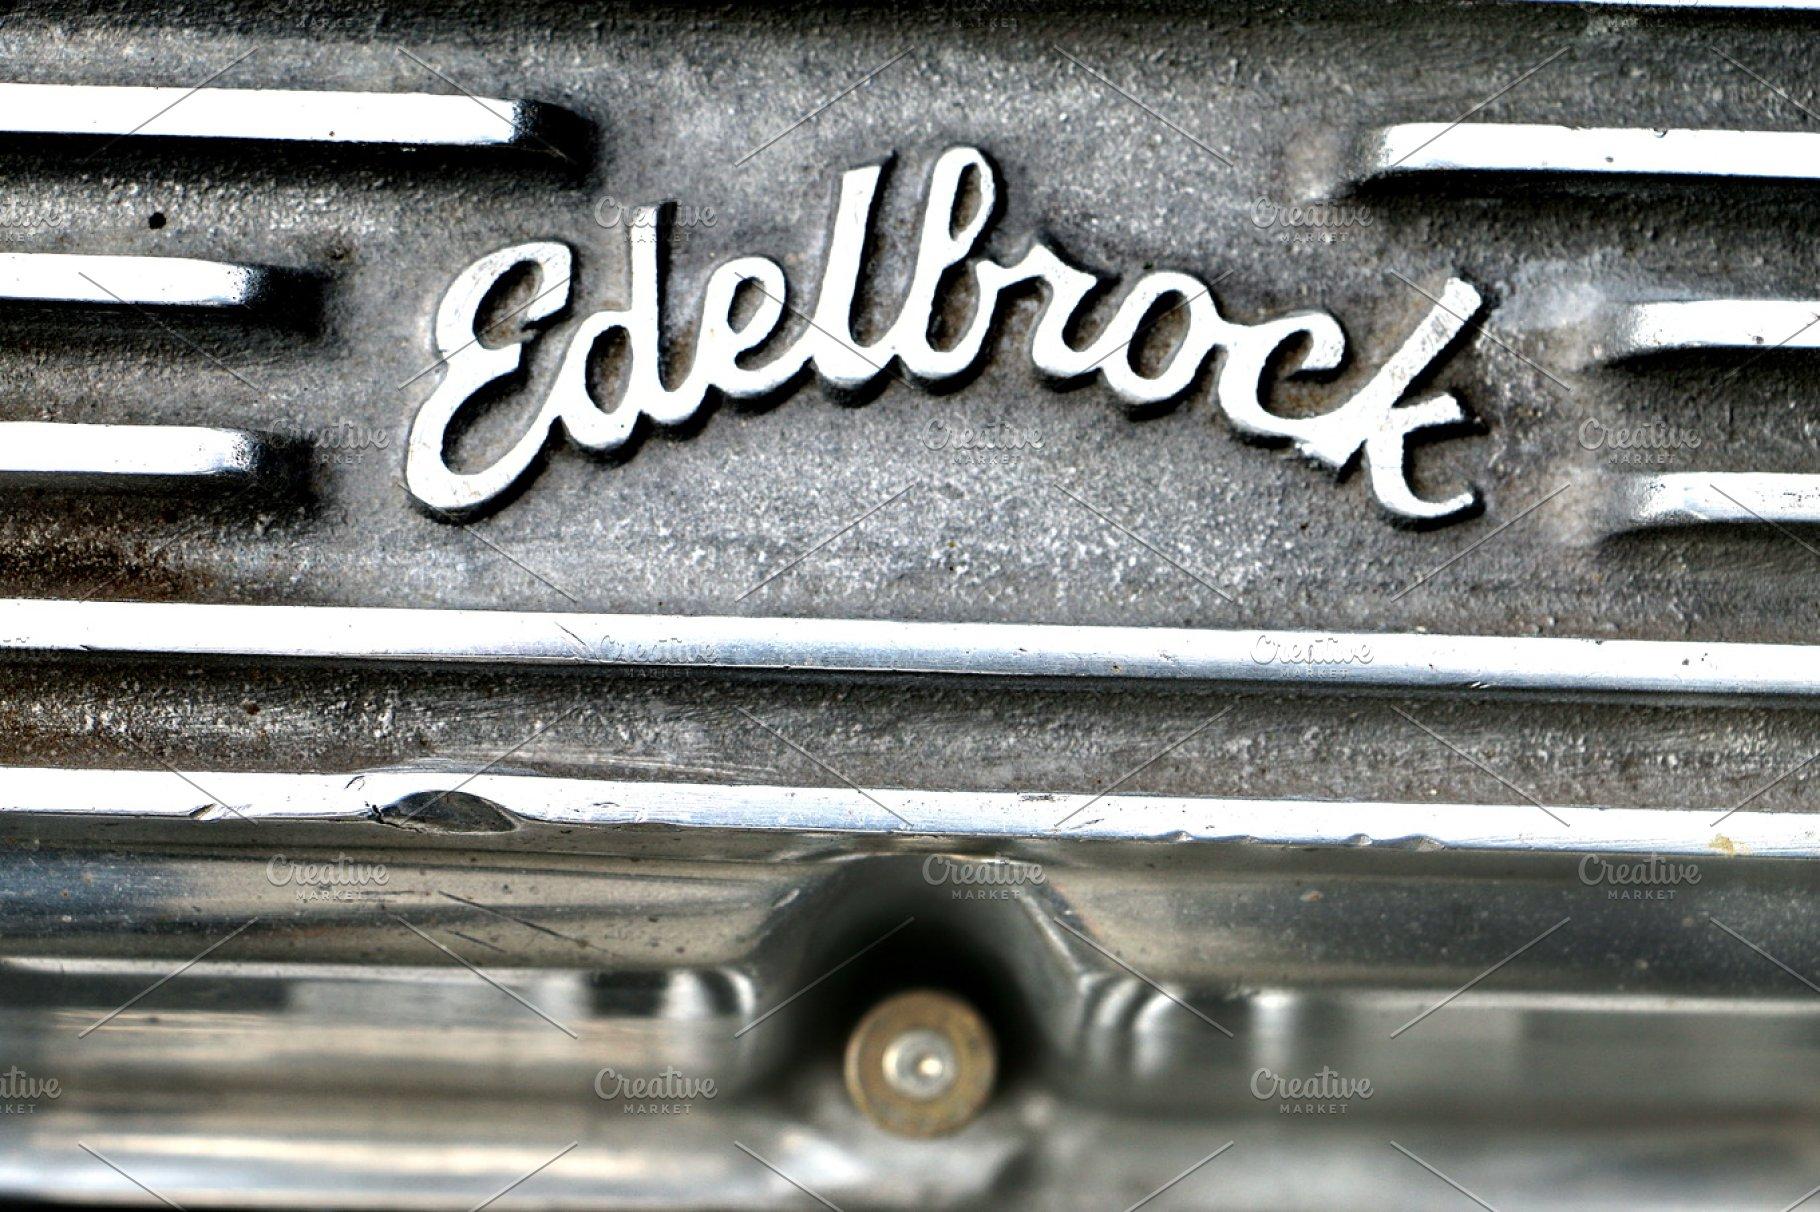 Edelbrock auto parts